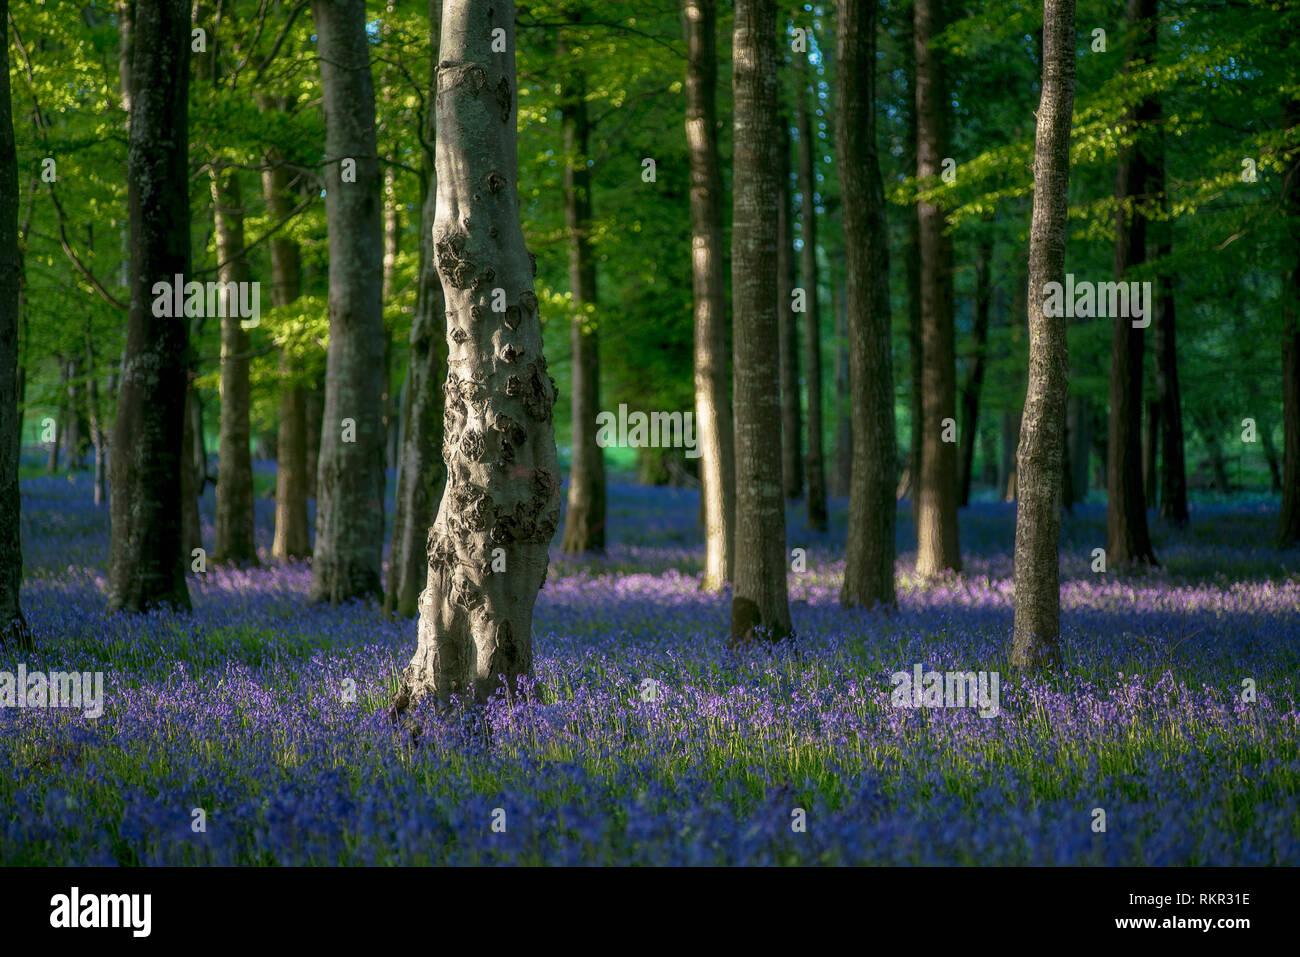 El piso del bosque cubierto con blooming campanillas en Tollymore Park, Irlanda del Norte. Foto de stock